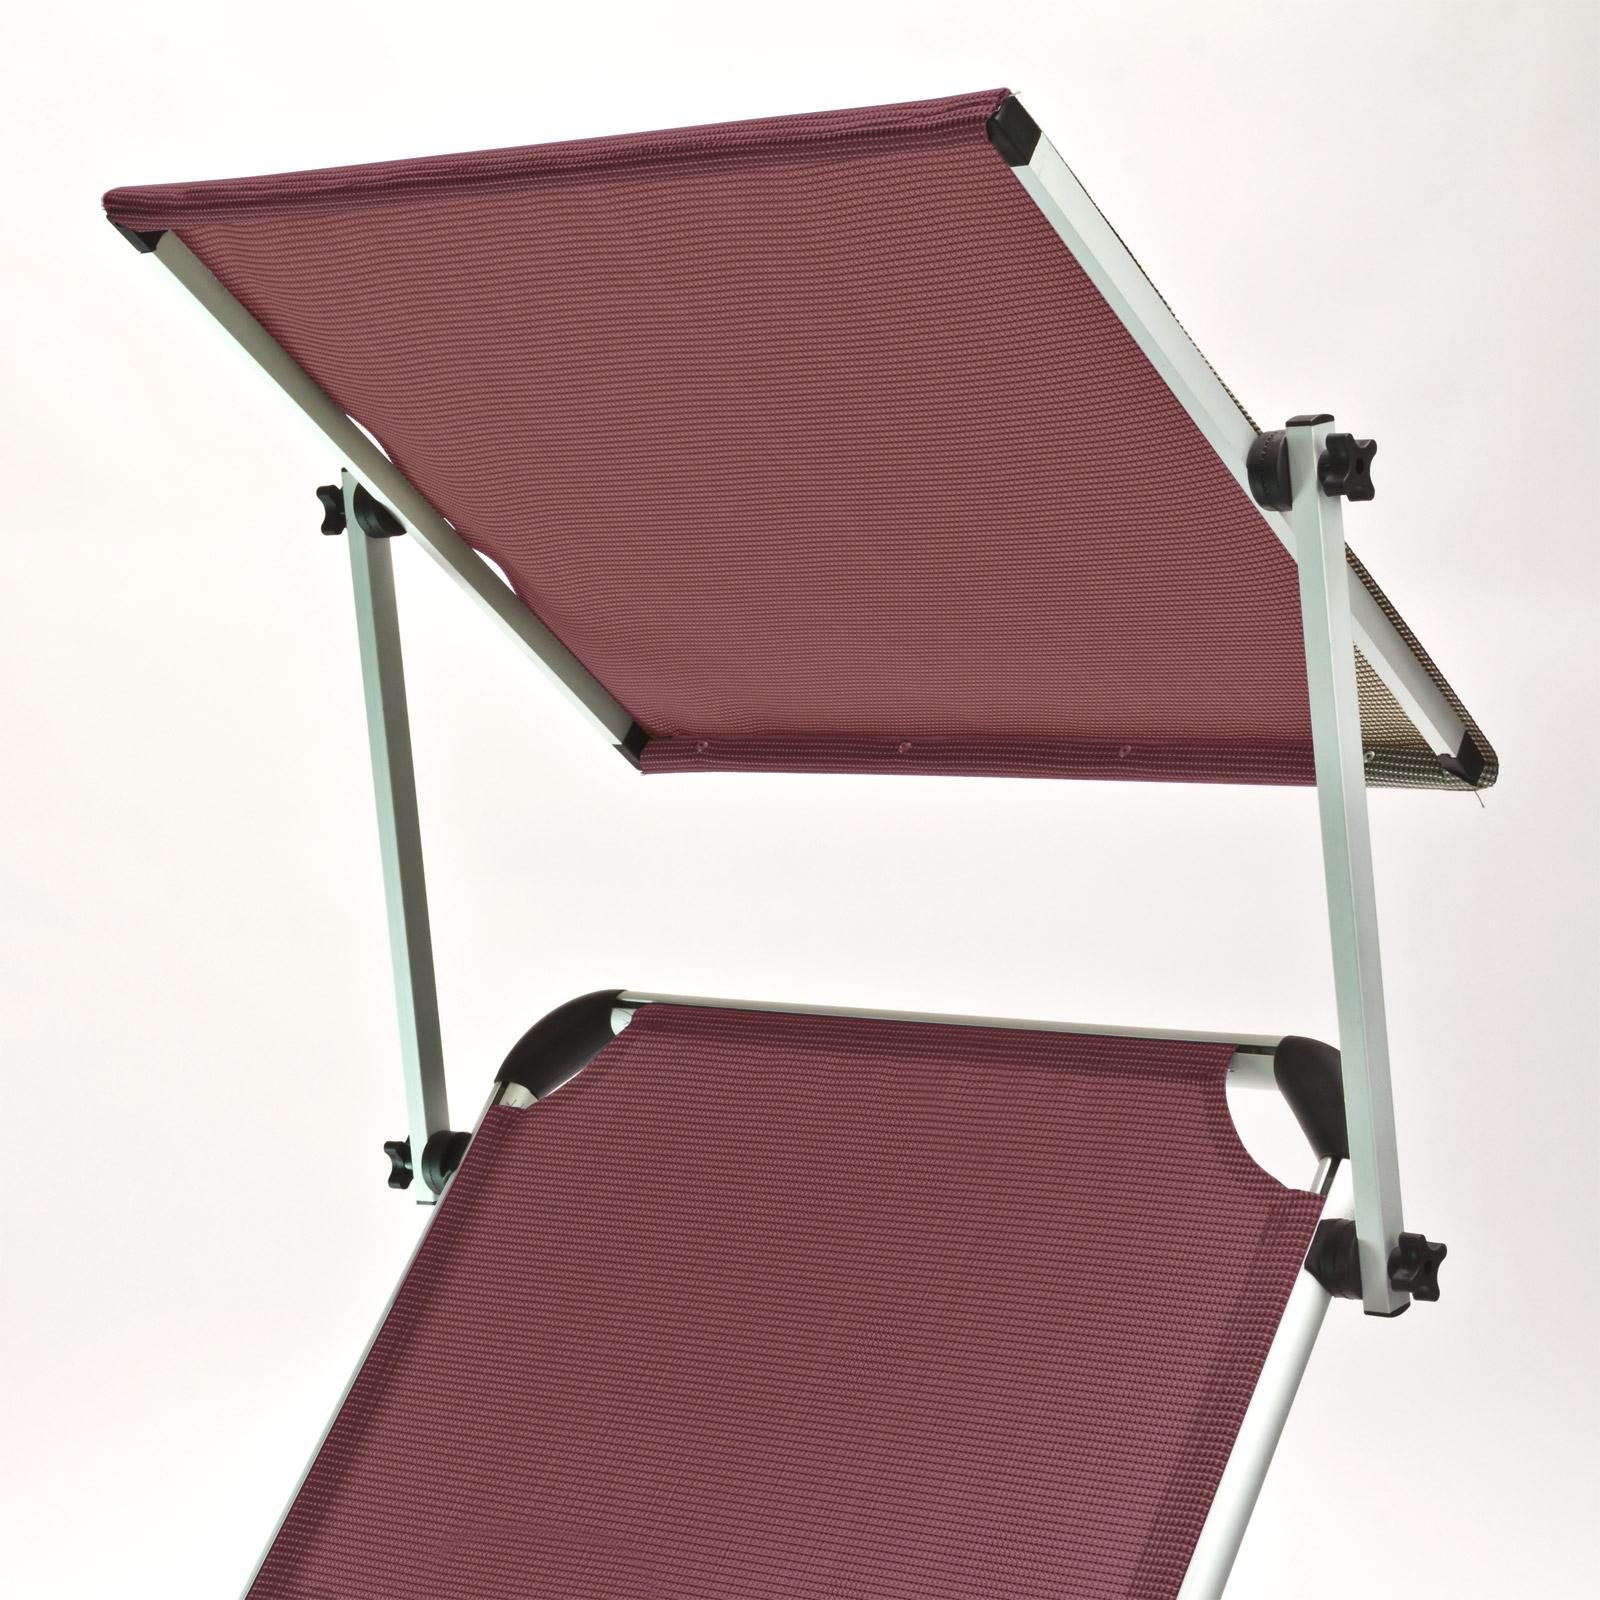 921195 gartenliege mit sonnendach bordeaux sonnenliege. Black Bedroom Furniture Sets. Home Design Ideas